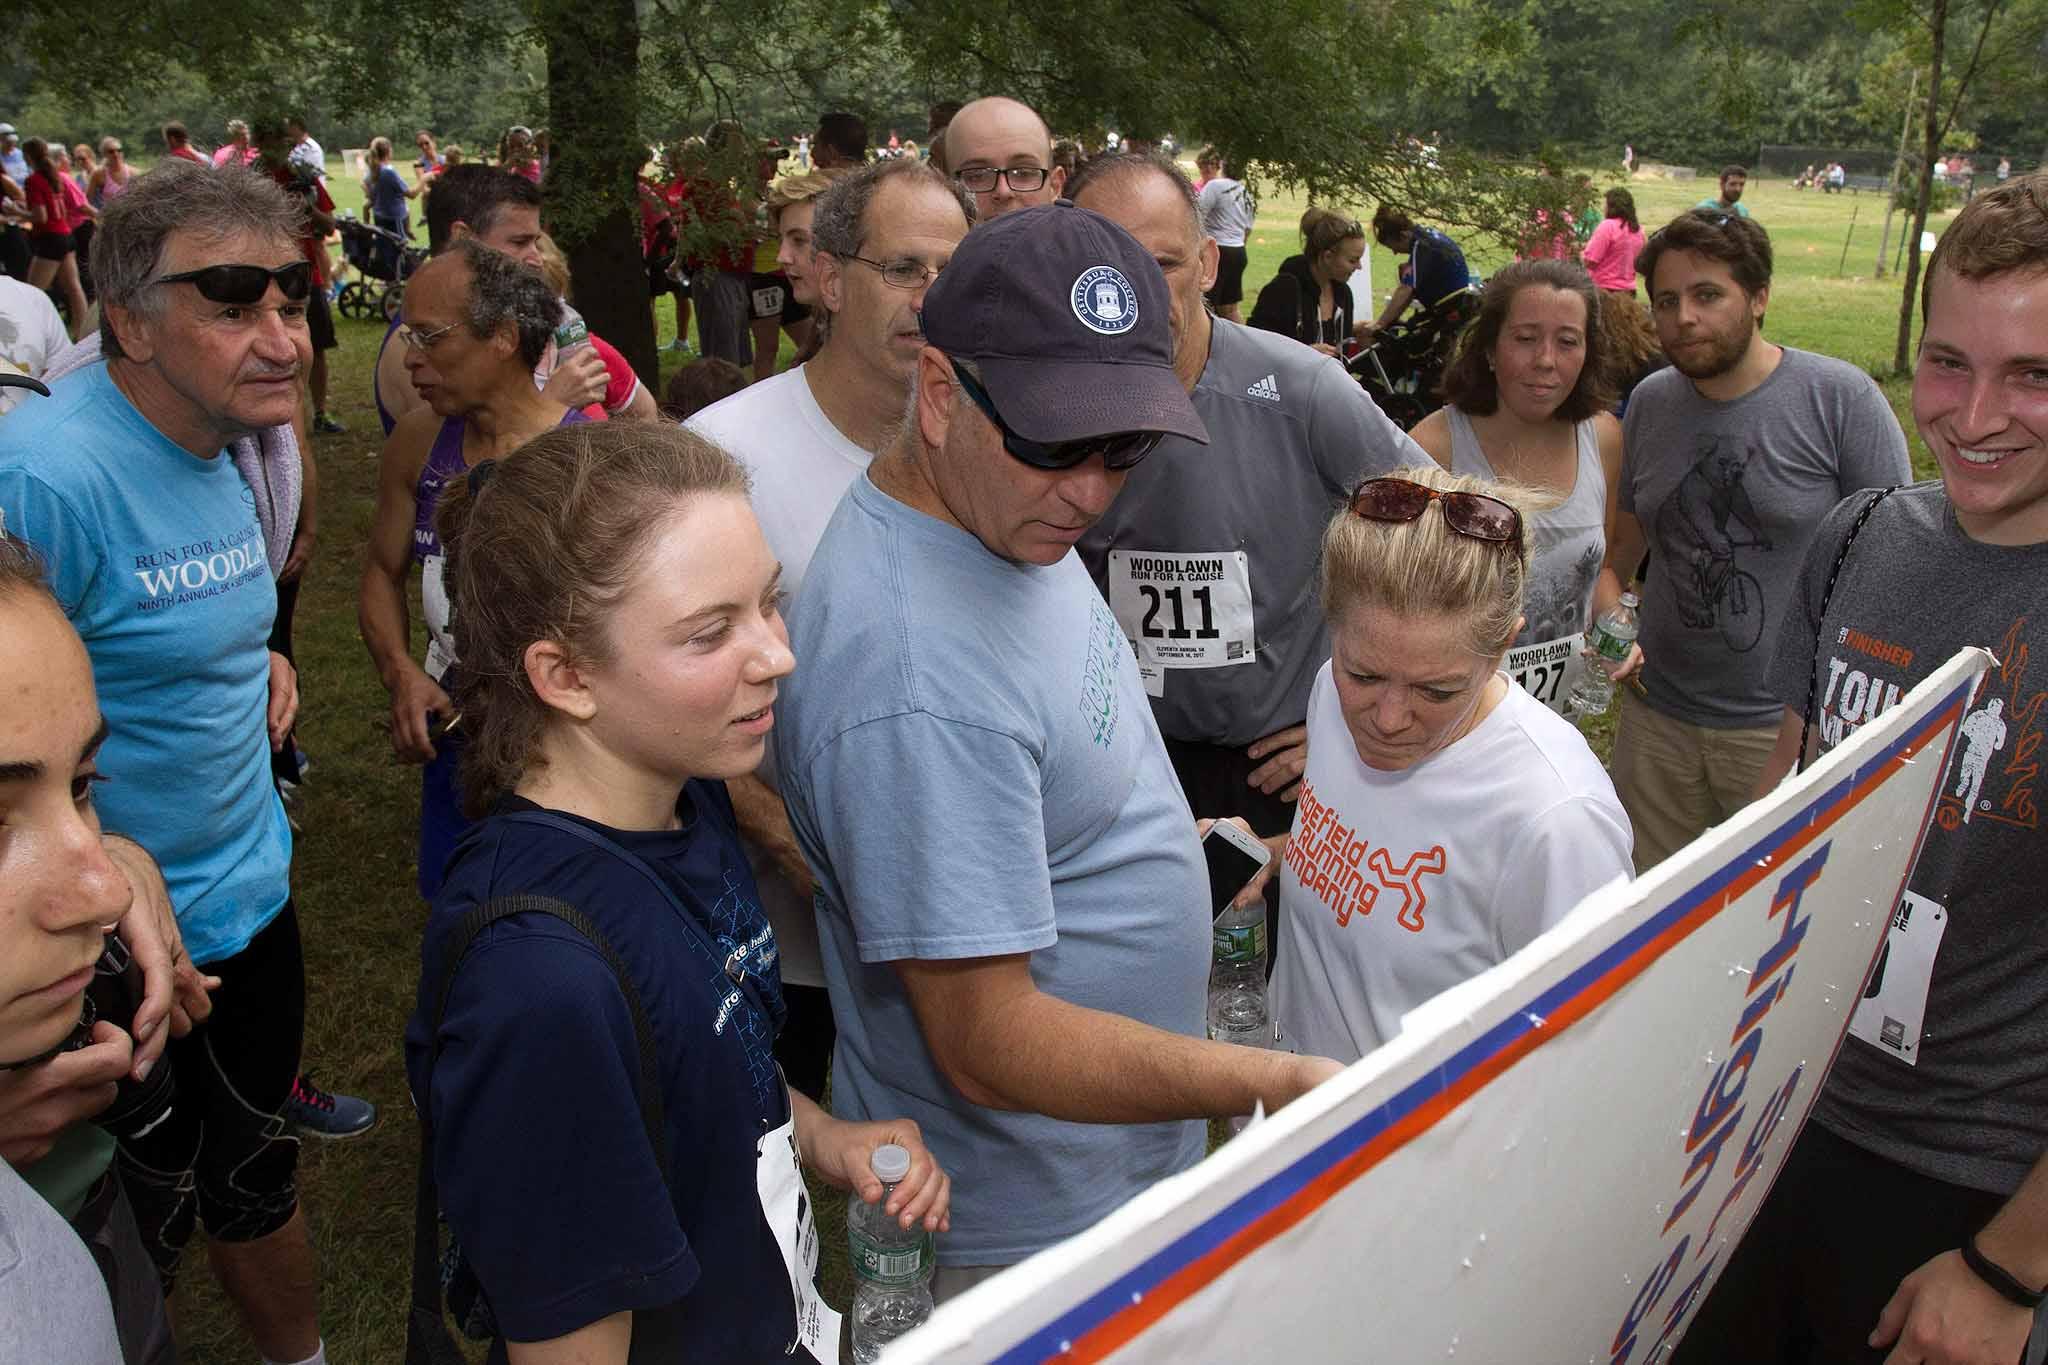 232-Woodlawn Run for a Cause-020-2.jpg